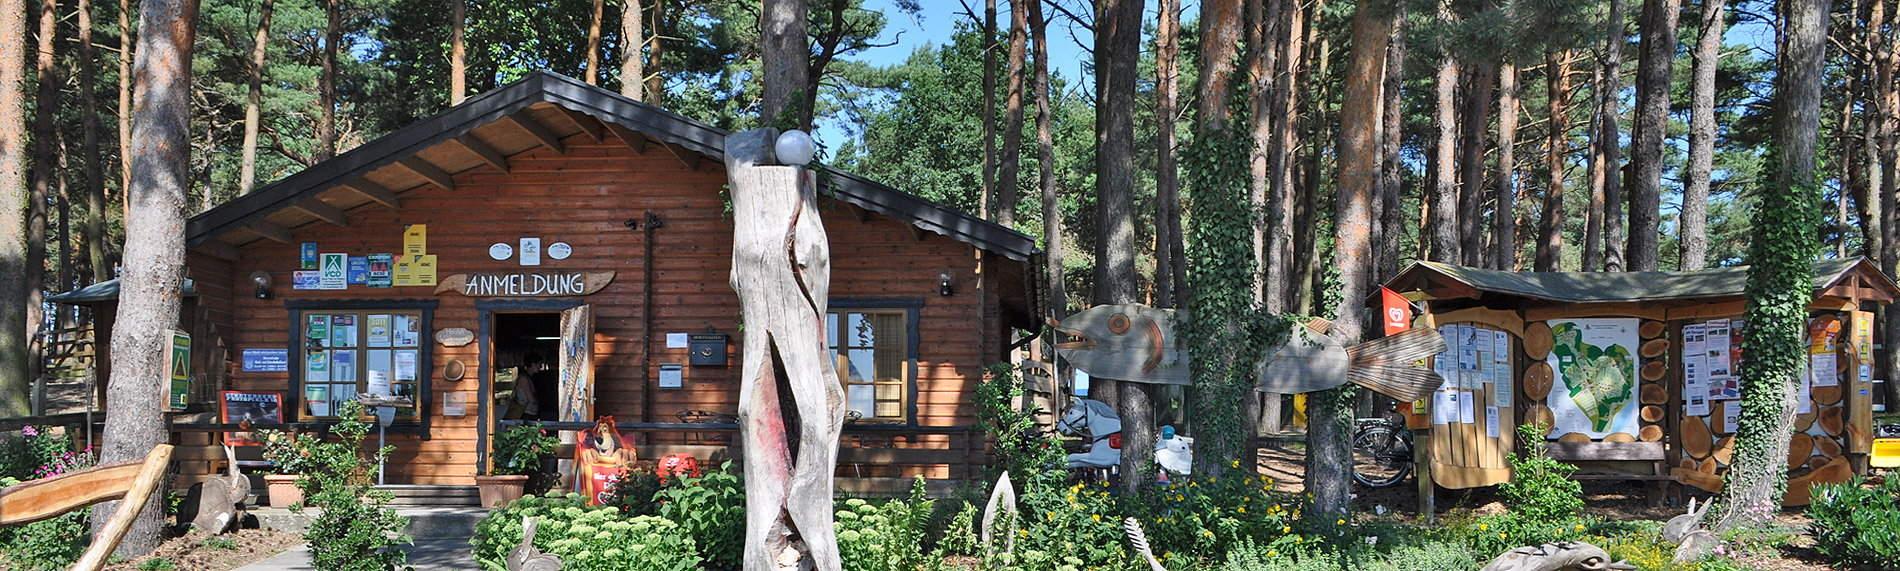 campingplatz-anmeldung